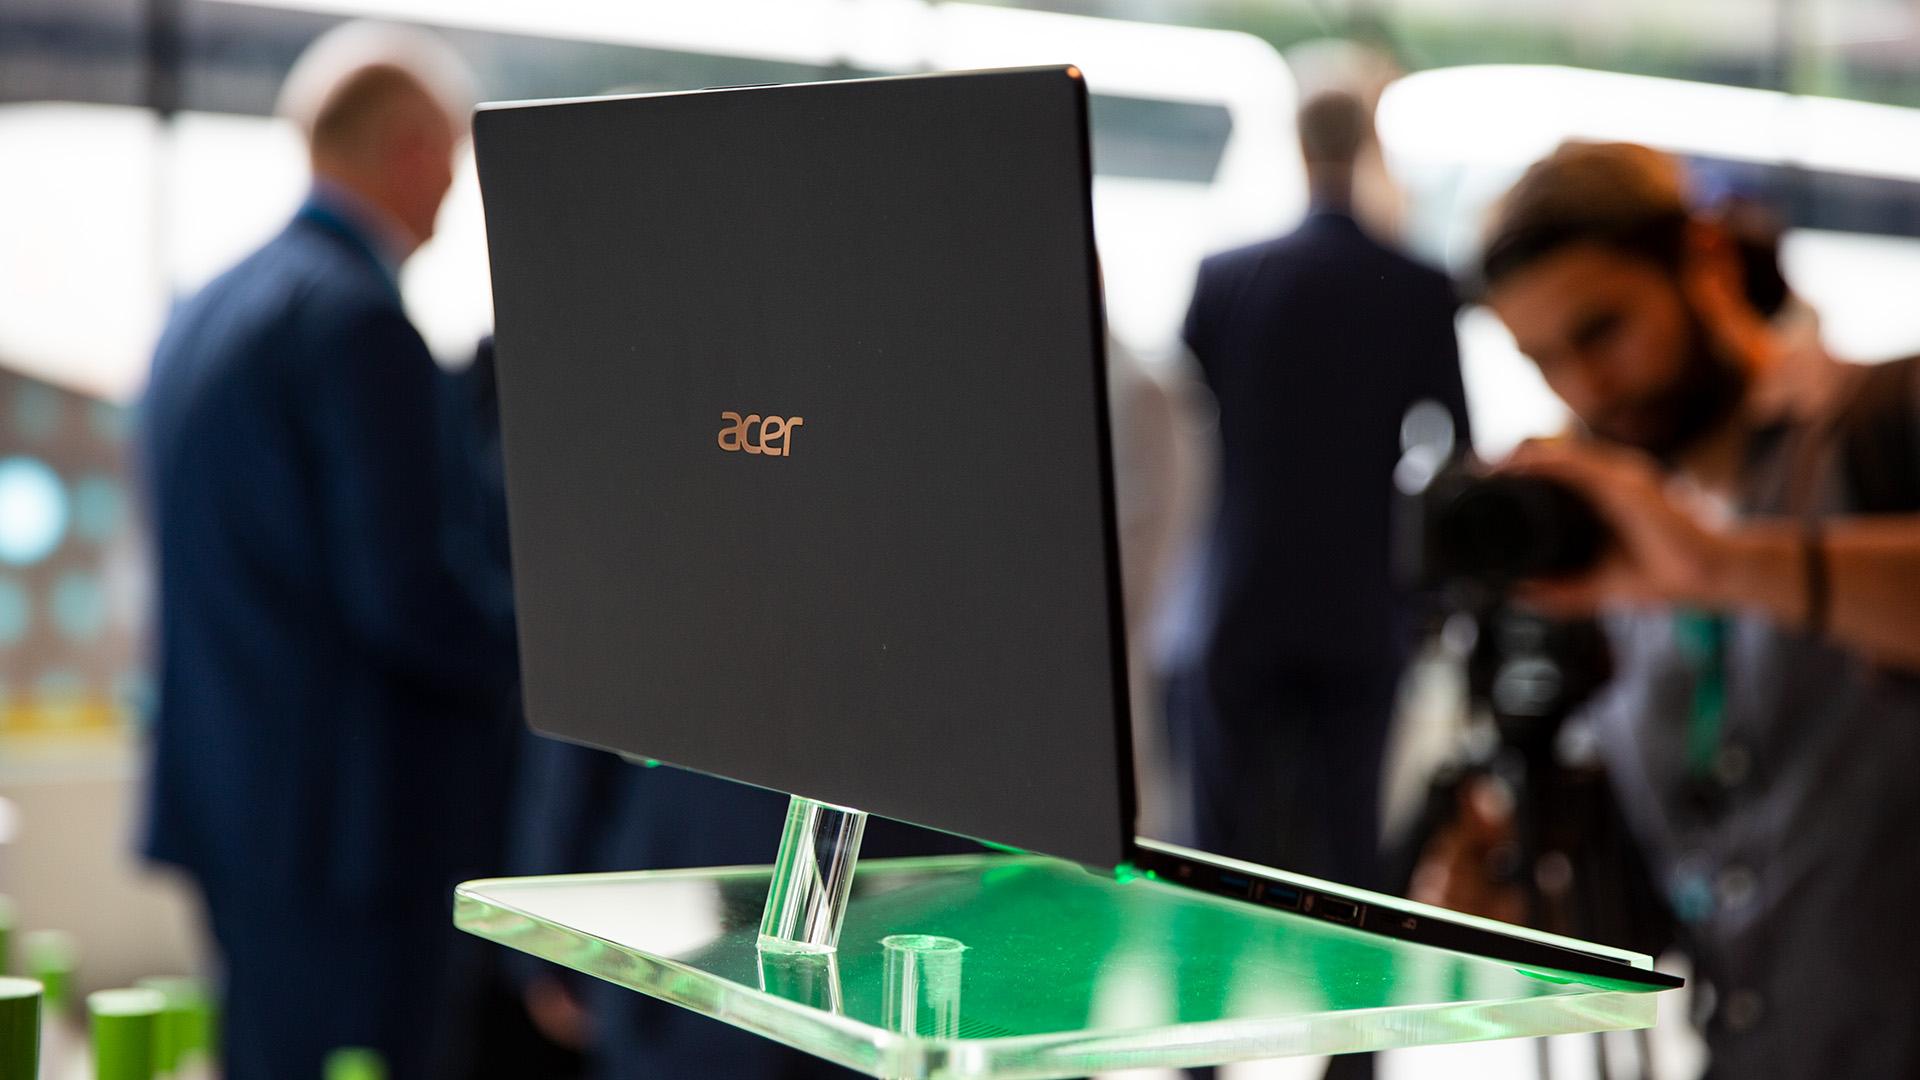 Acer-Portfolio 2018: Nitro-Gaming-PCs mit Ryzen und viele neue Notebooks - Auch einen Preis nannte Acer noch nicht. (Bild: Robert Kern/Golem.de)